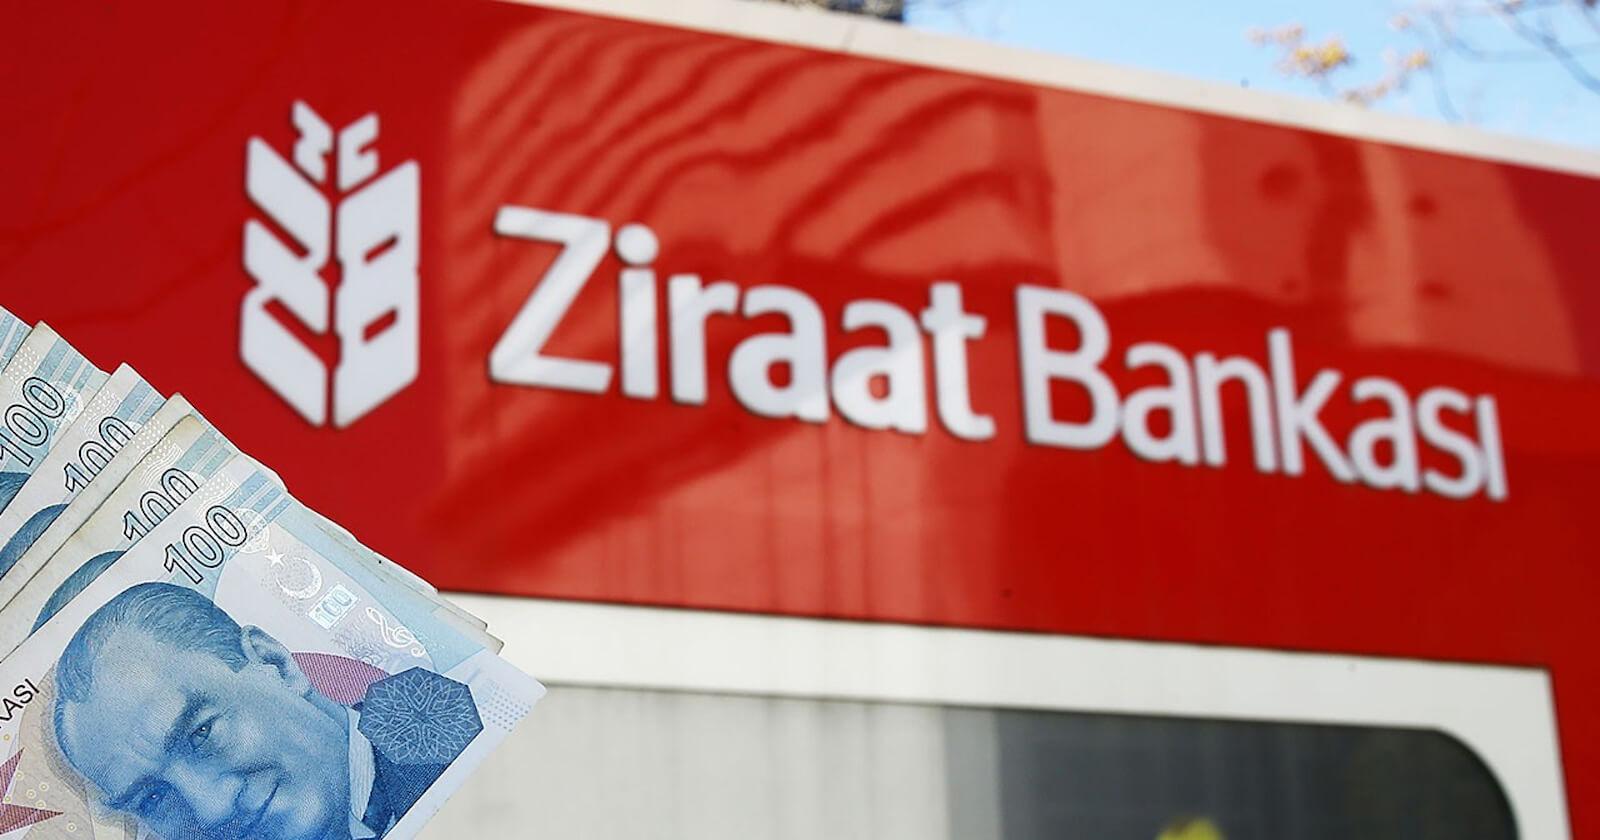 Ziraat Bankası Gelir Belgesiz Kefilsiz 100.000 TL Kredi Kampanyası Başlatıyor